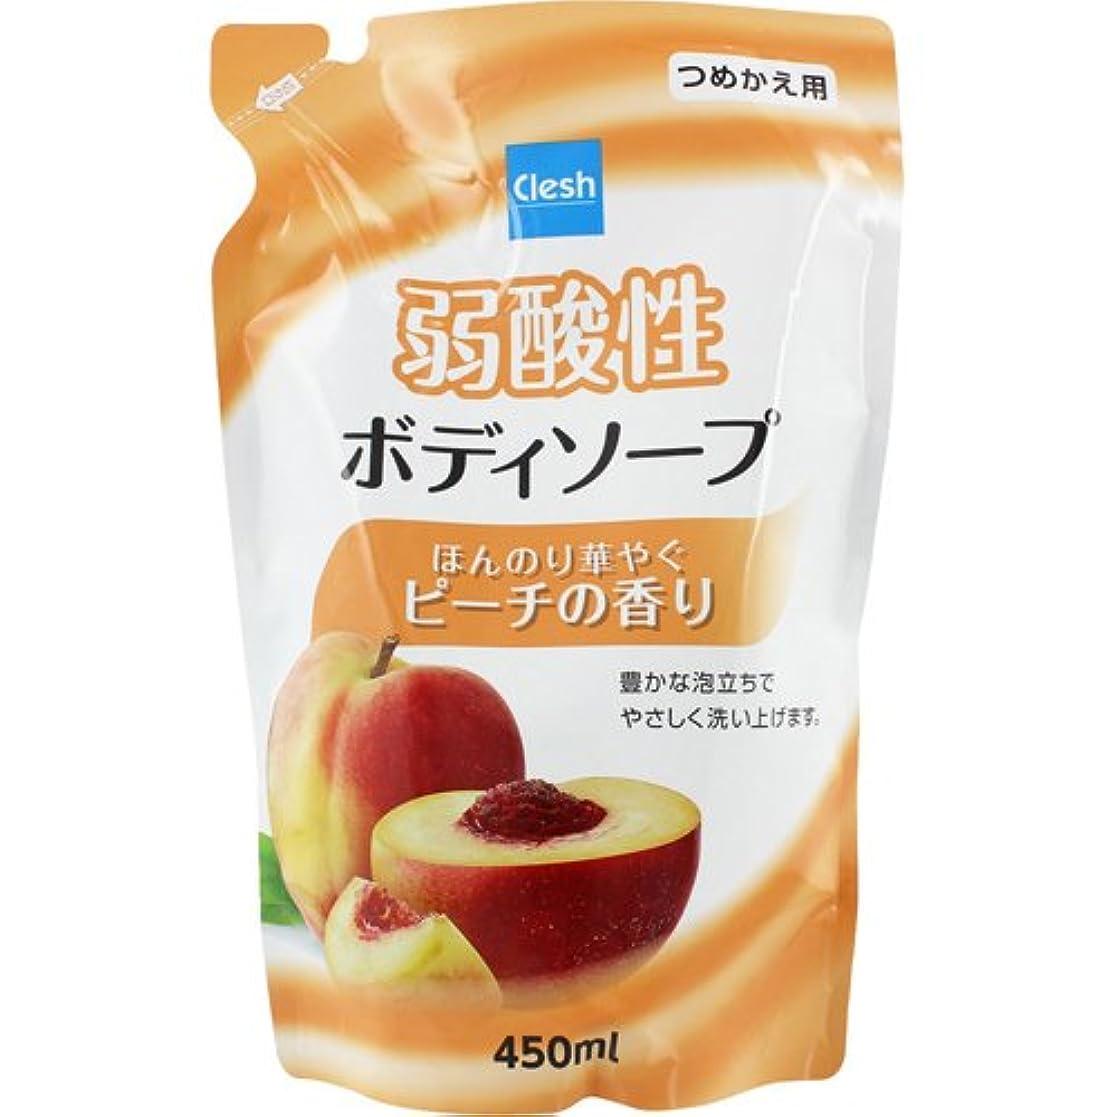 不健康取り囲む言うClesh(クレシュ) 弱酸性ボディソープ ピーチの香り つめかえ用 450ml